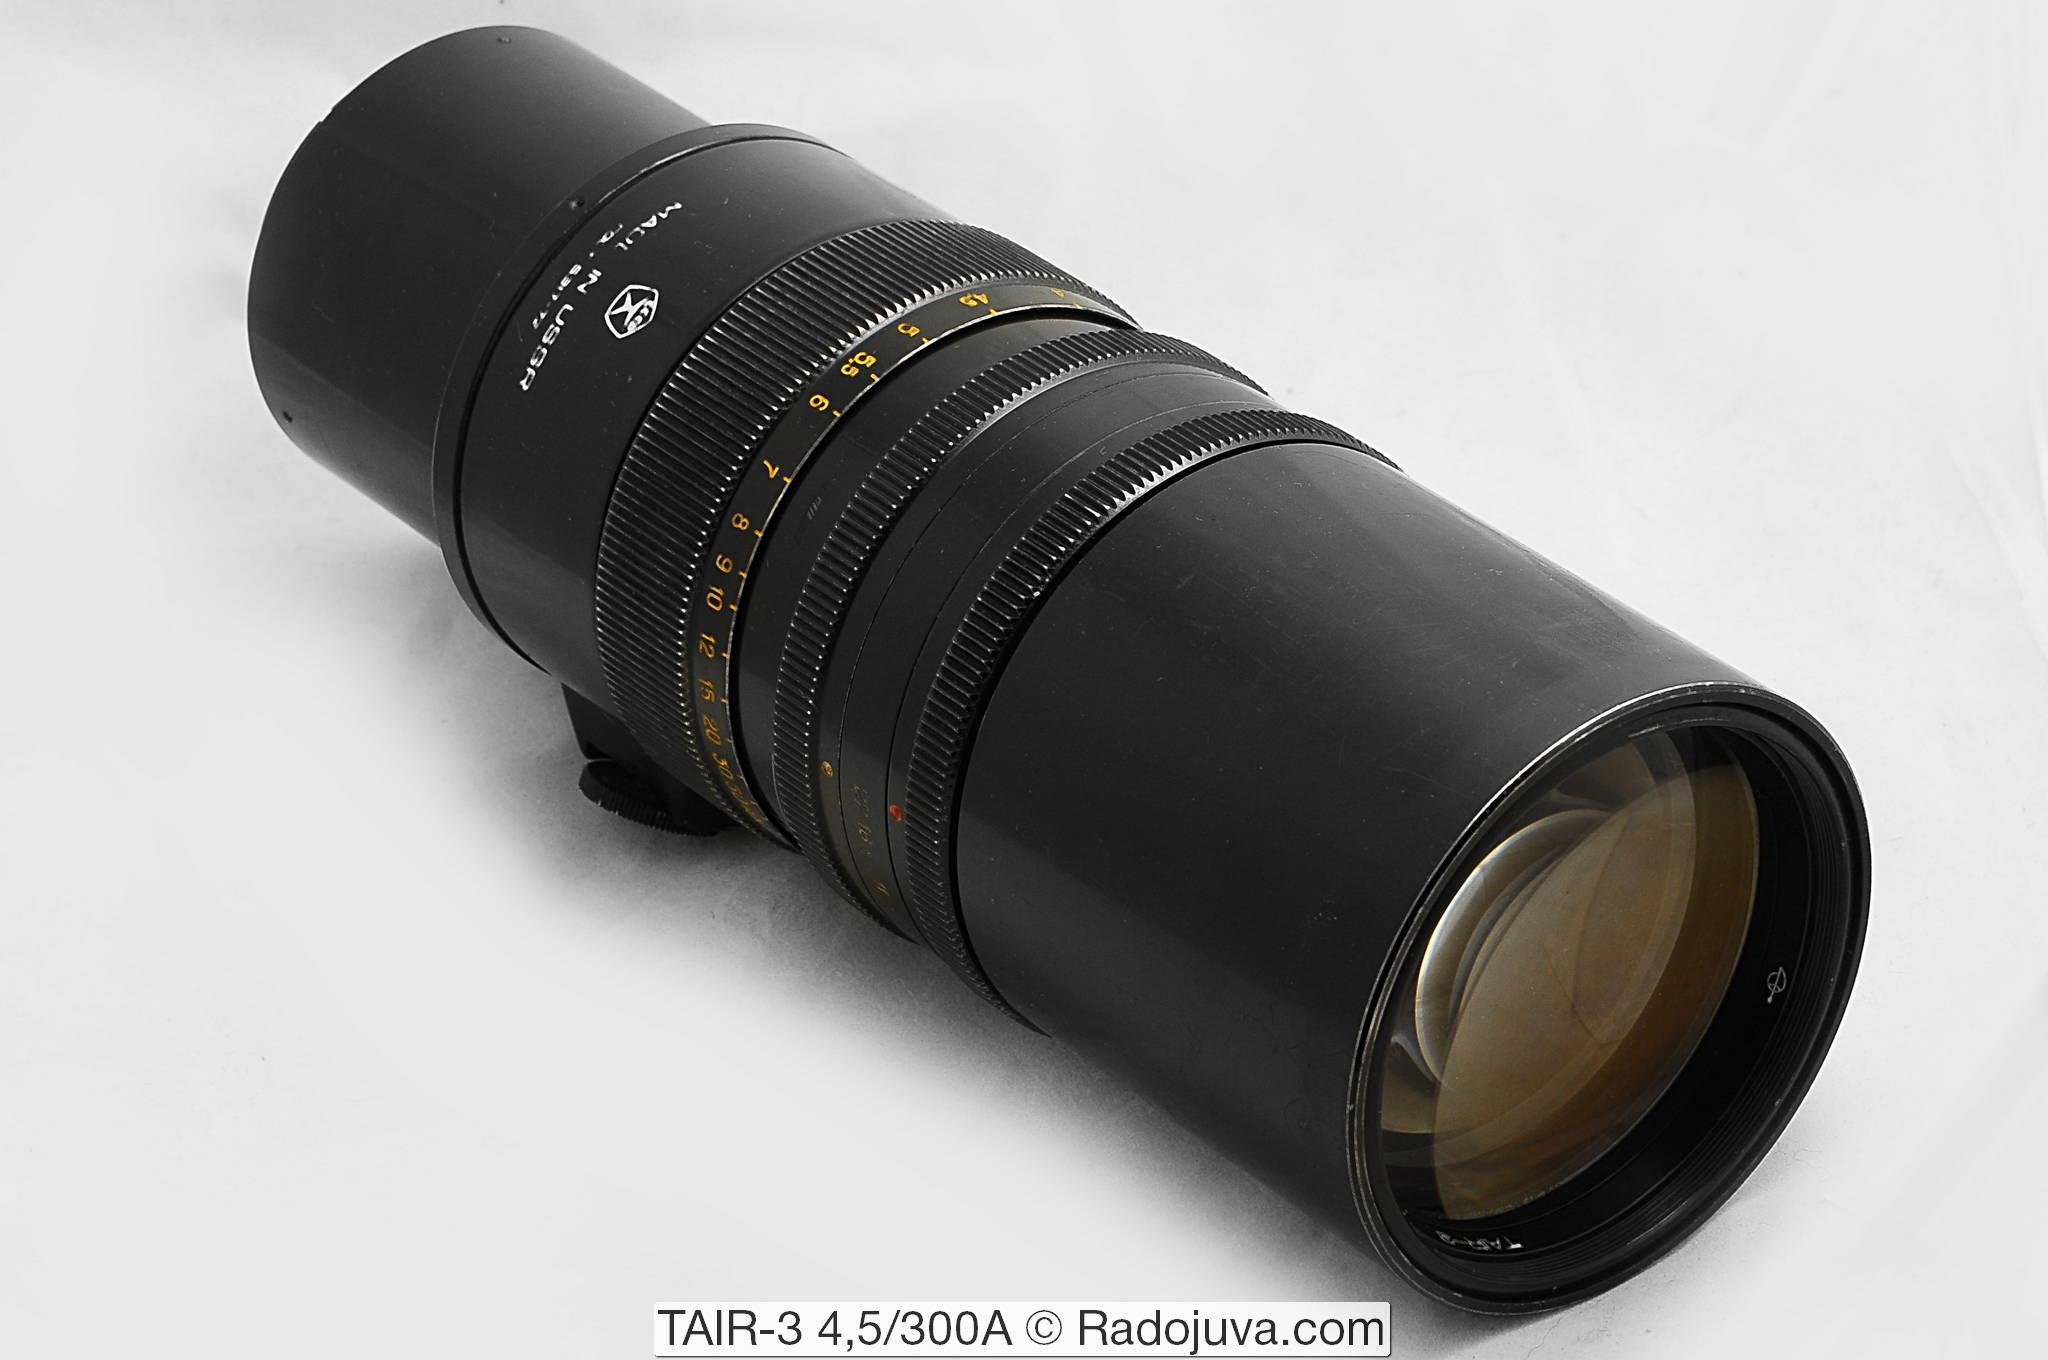 TAIR-3 4,5/300A